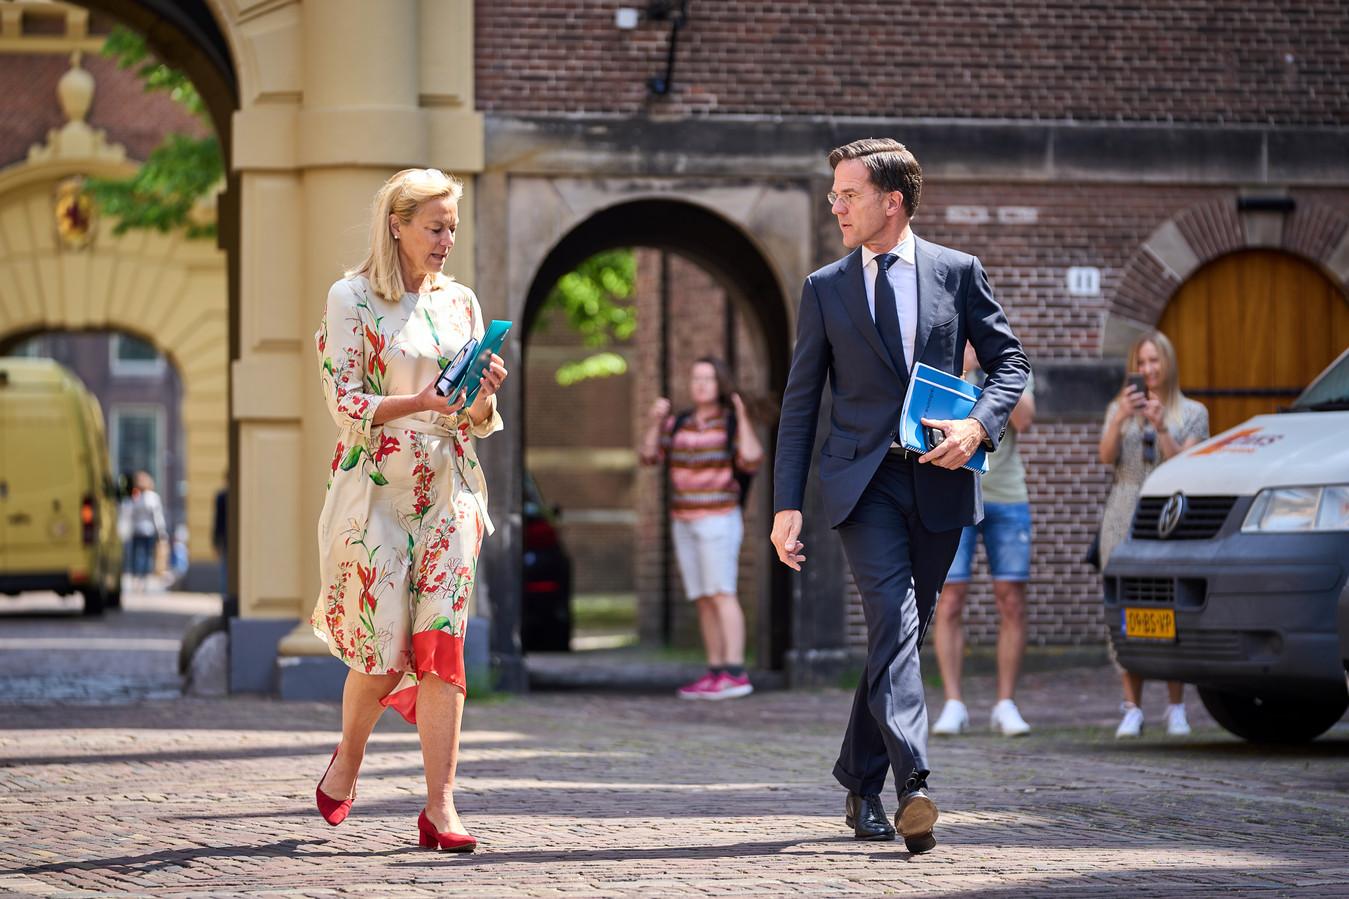 VVD-leider Mark Rutte en Sigrid Kaag (D66) op weg naar een gezamenlijk overleg met informateur Hamer op het Binnenhof.